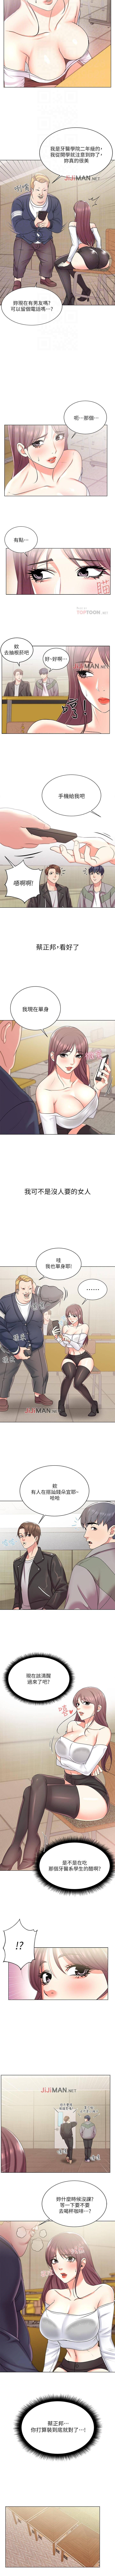 【周三连载】超市的漂亮姐姐(作者:北鼻&逃兵) 第1~40话 81